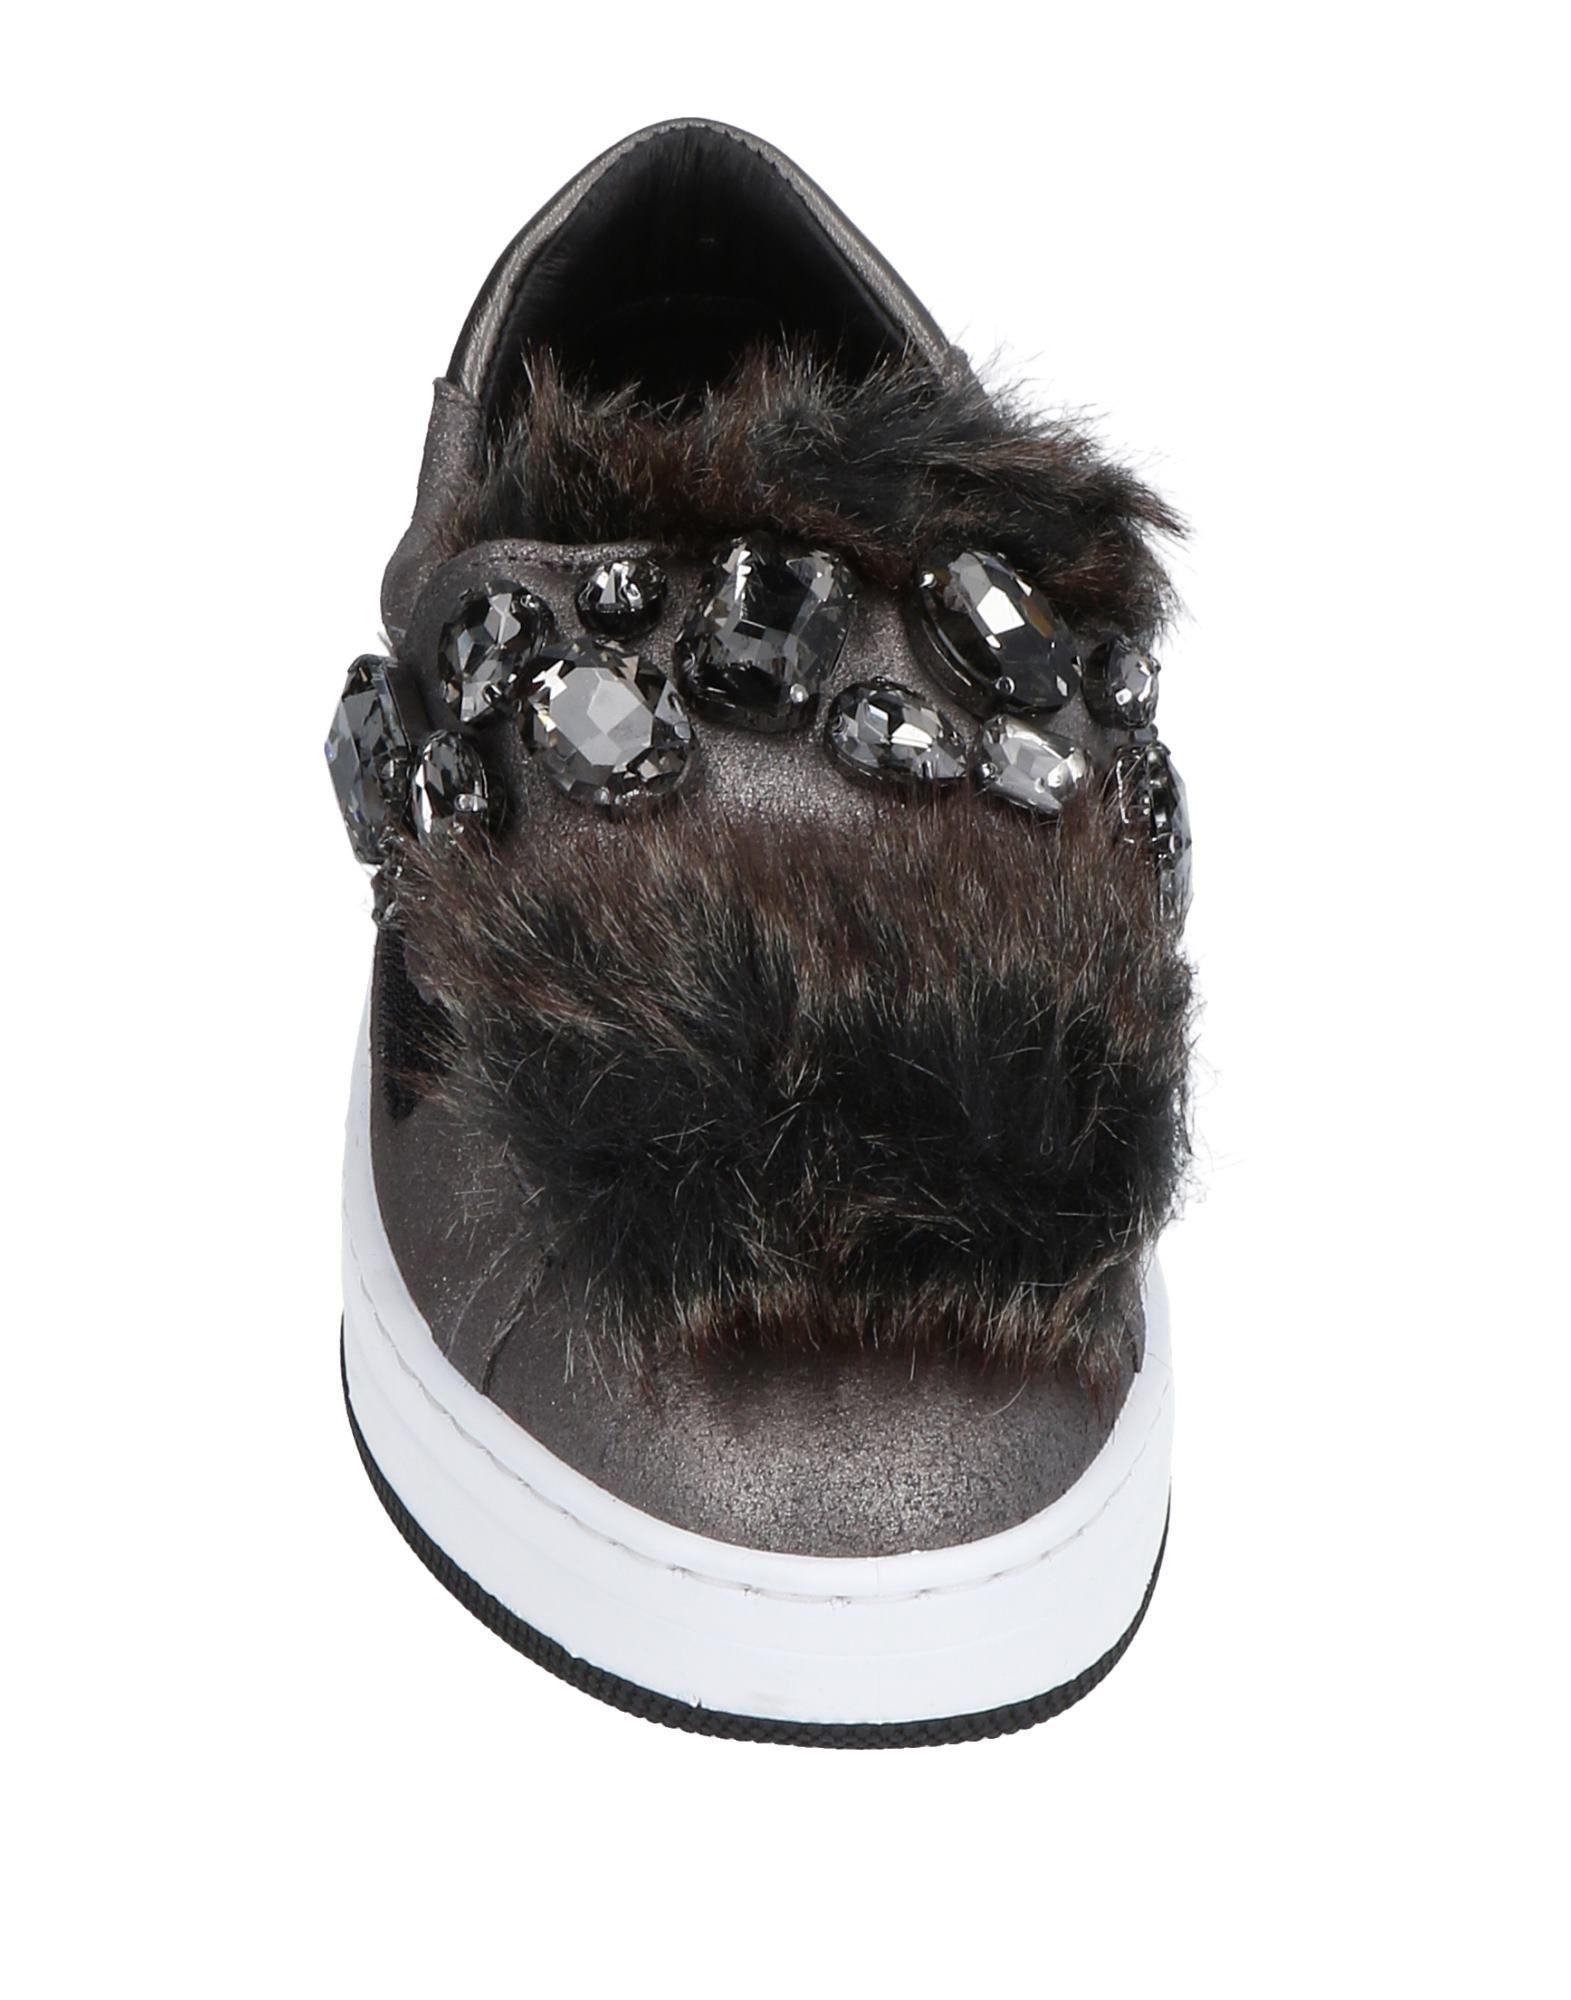 Dor Gute Sneakers Damen  11487482JK Gute Dor Qualität beliebte Schuhe 1919f4